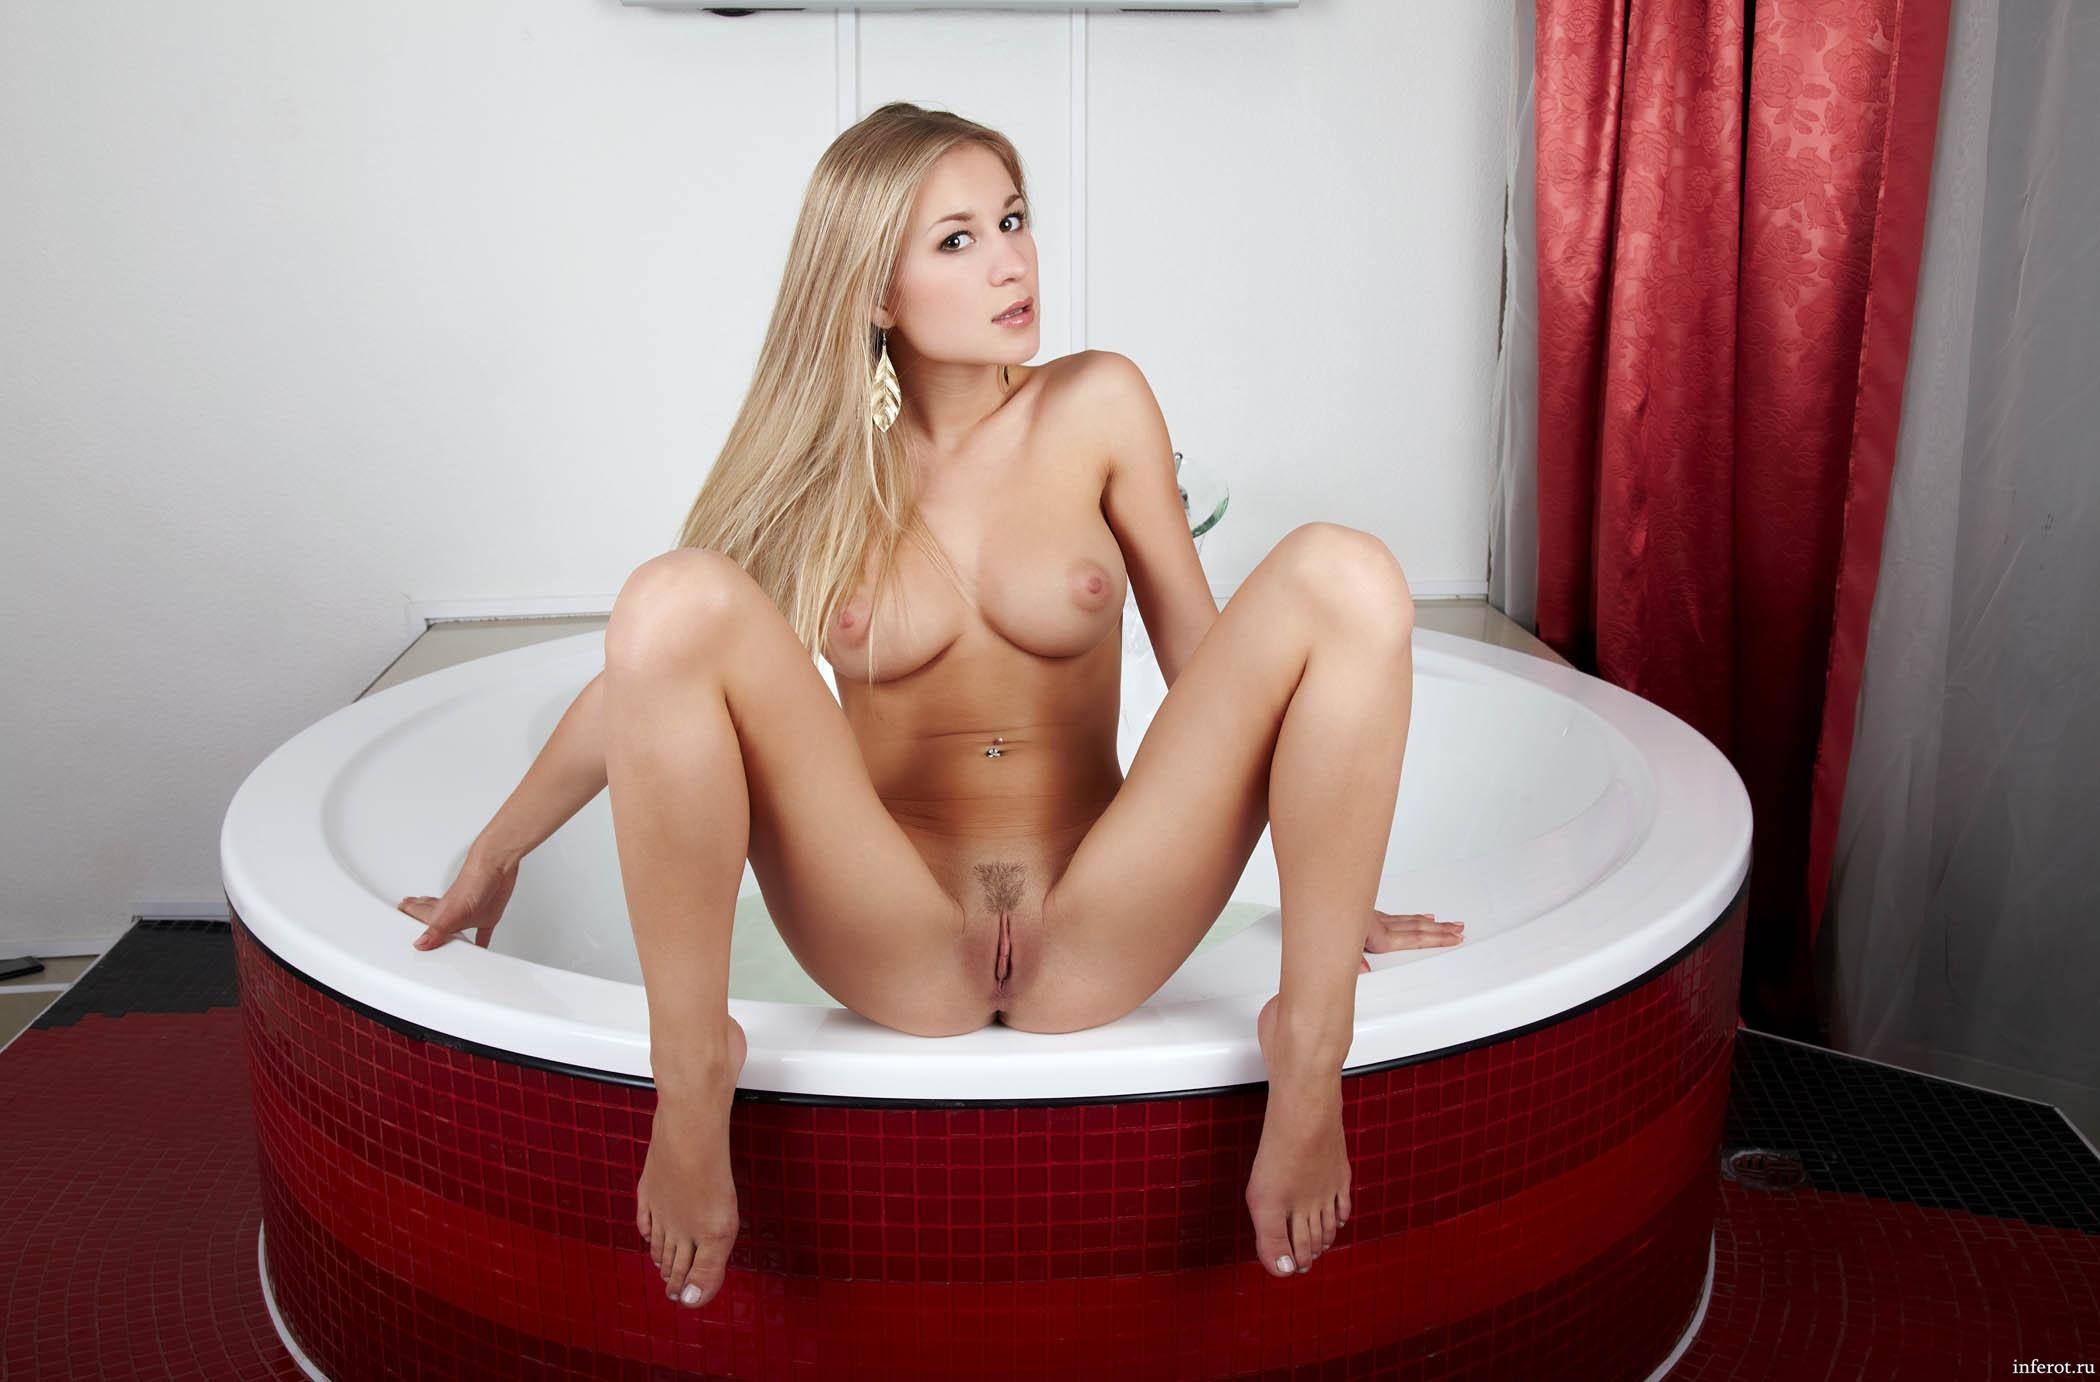 Чувственное порно в ванной комнате 24 фотография